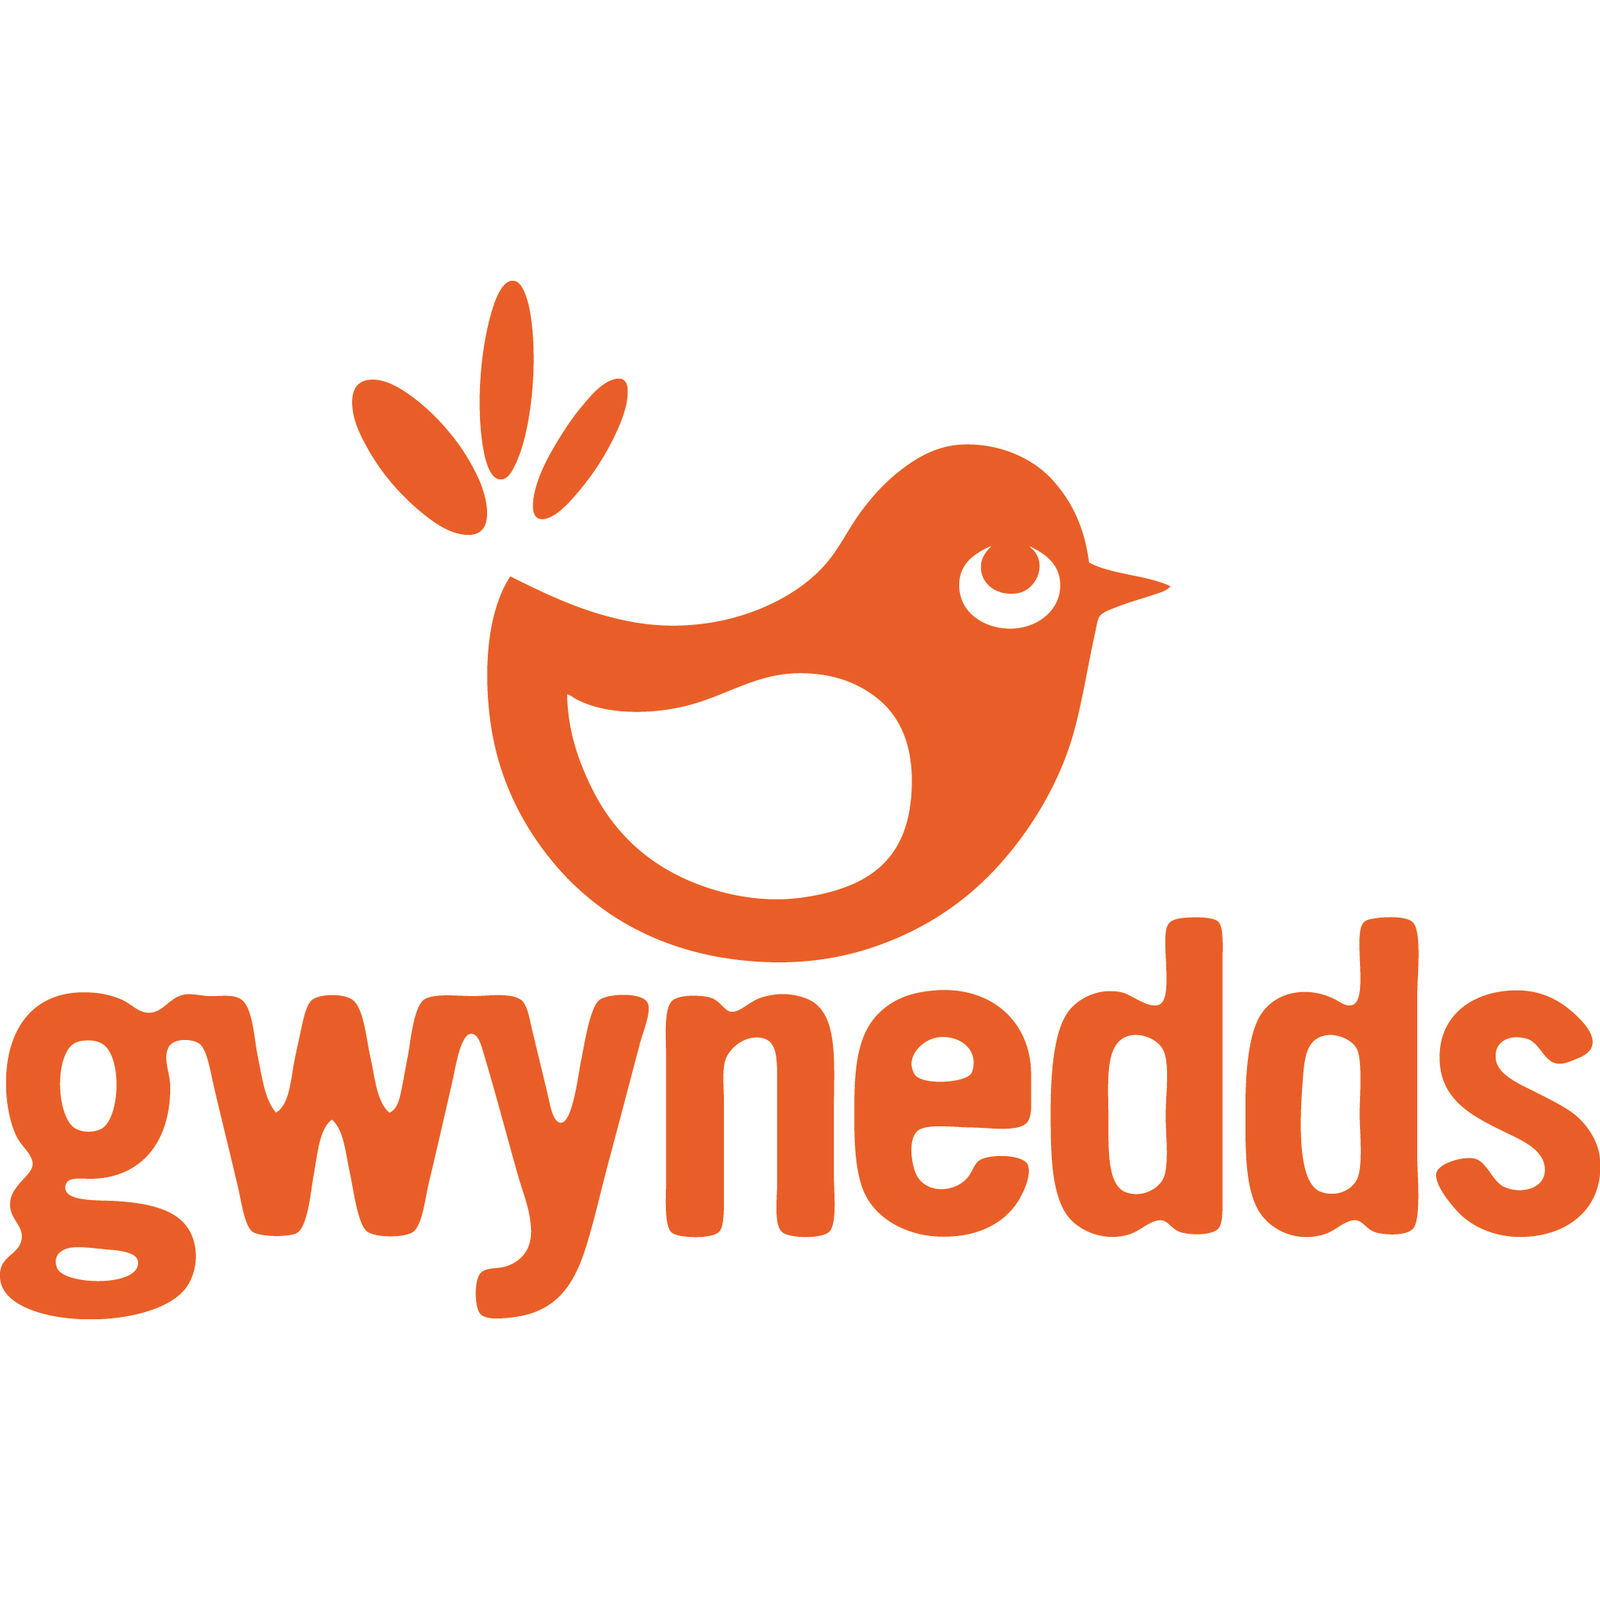 Gwynedds in Dusseldorf (Image 1)